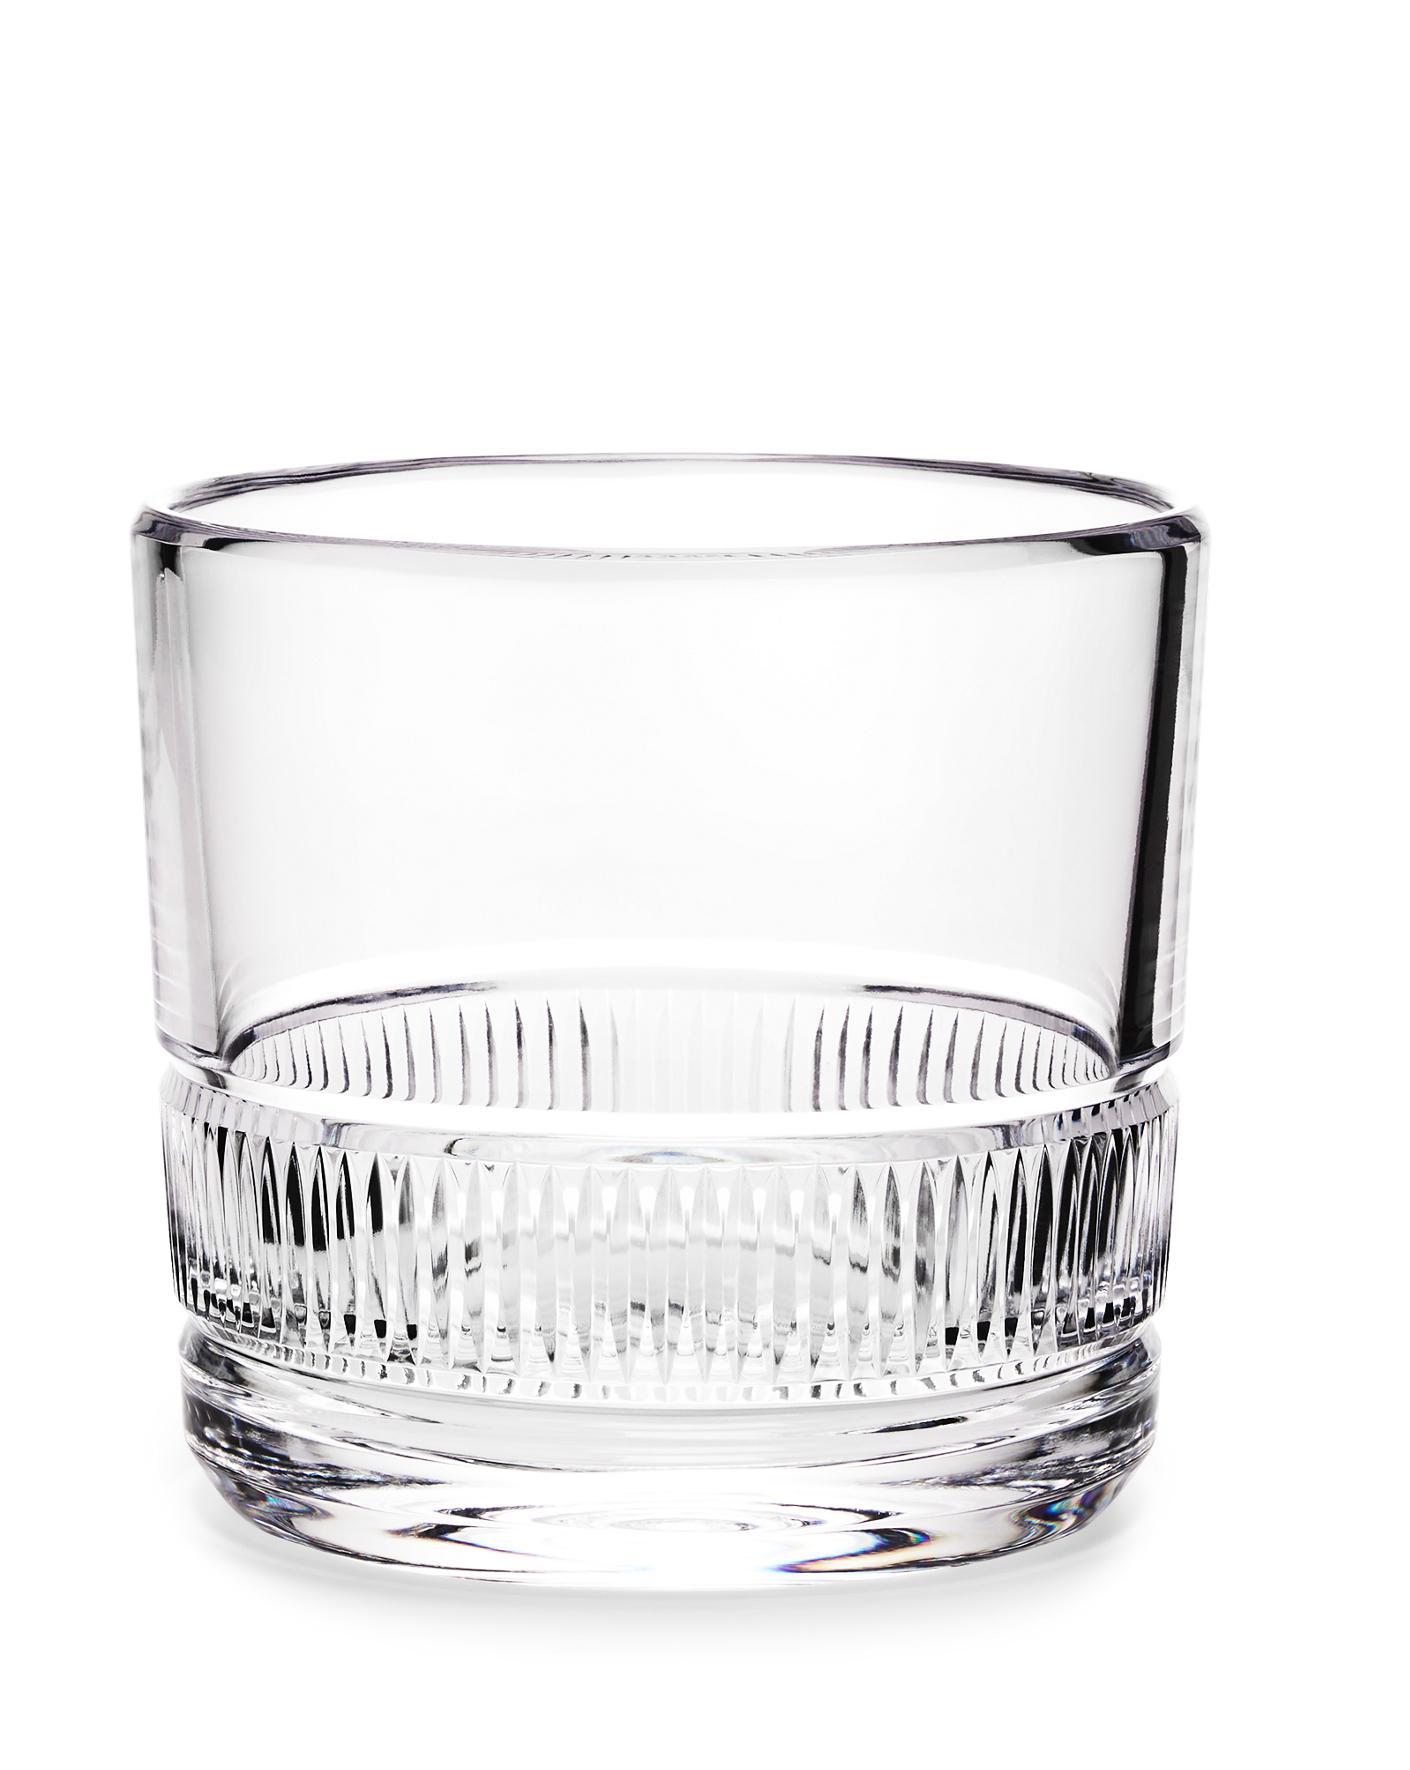 Broughton Ice Bucket Ralph Lauren Home Bar Accessories Ralphlauren Com